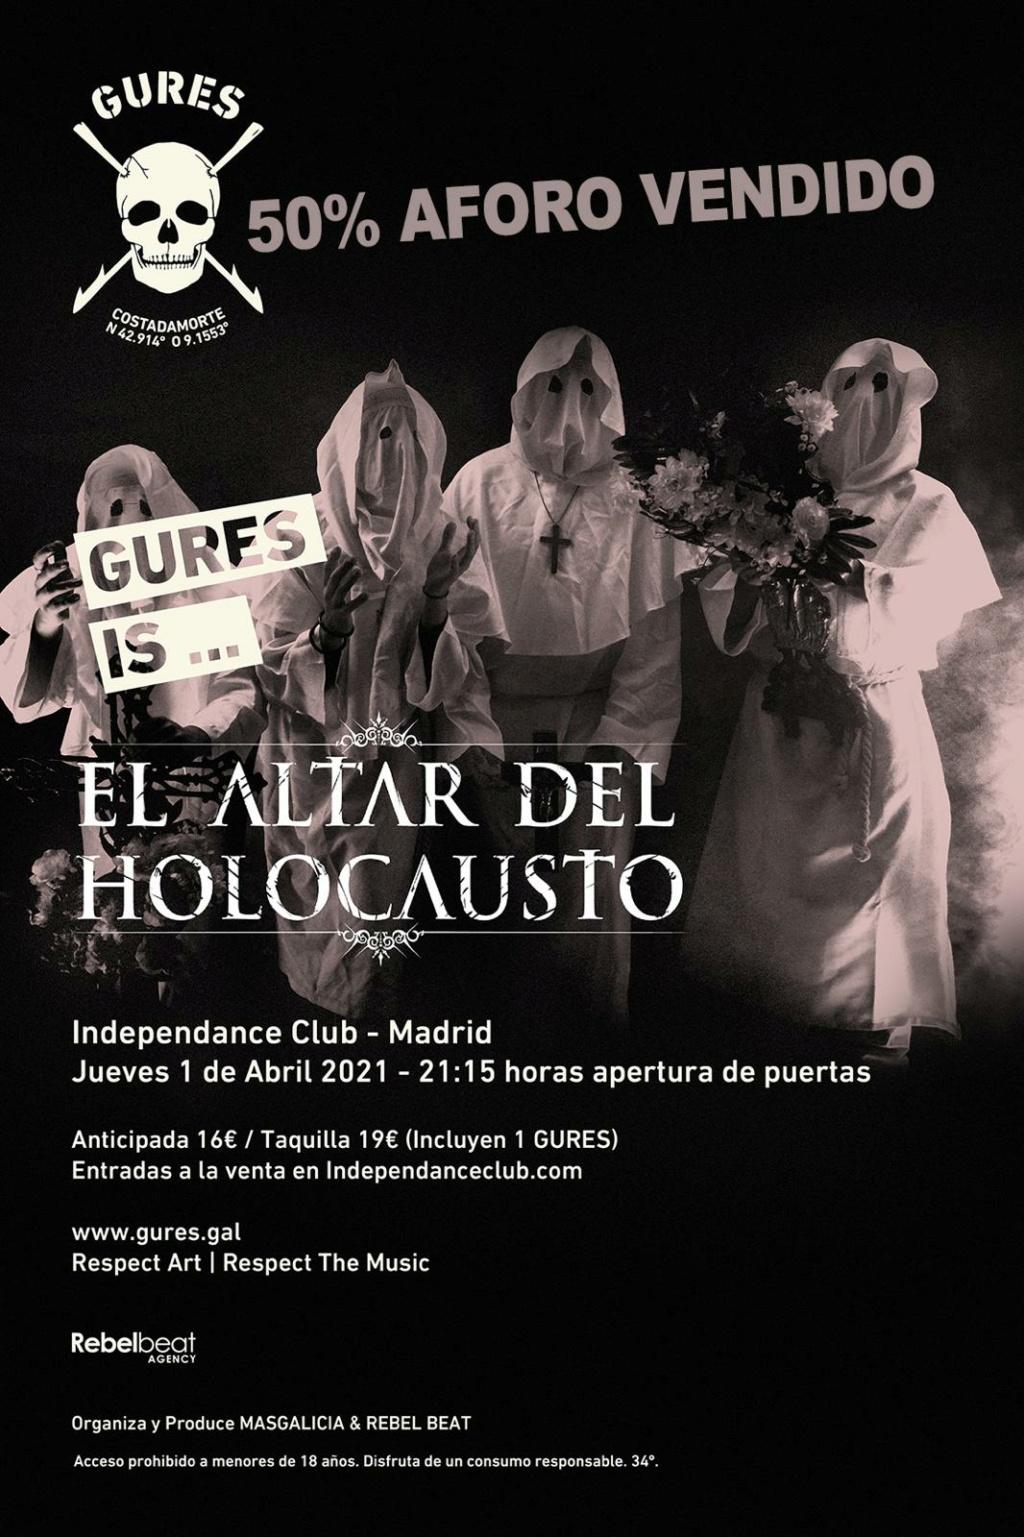 El Altar Del Holocausto: ¡¡¡✞ T R I N I DAD - Nuevo album el 19 de marzo ✞ !!!!! - Página 15 Img-2012